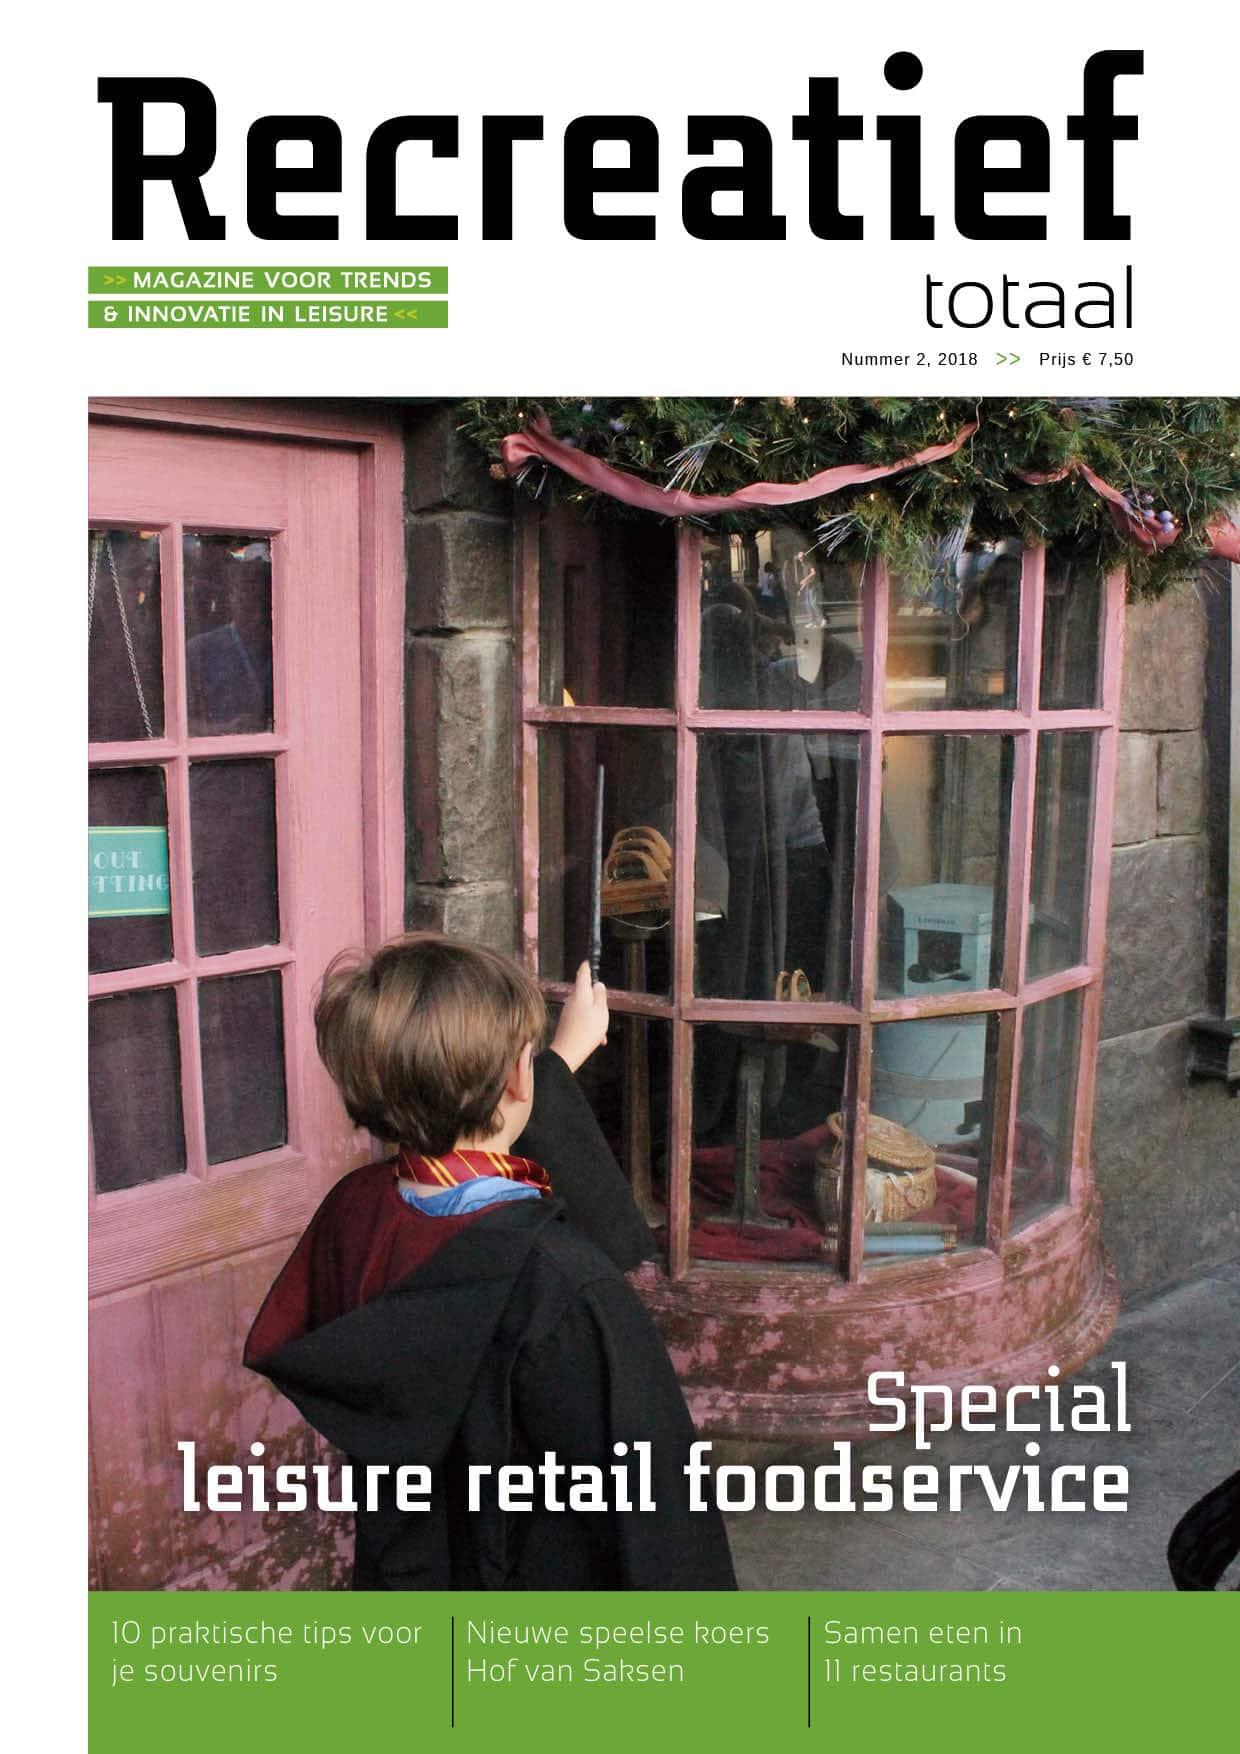 Food en retail recreatie sector - recreatief totaal